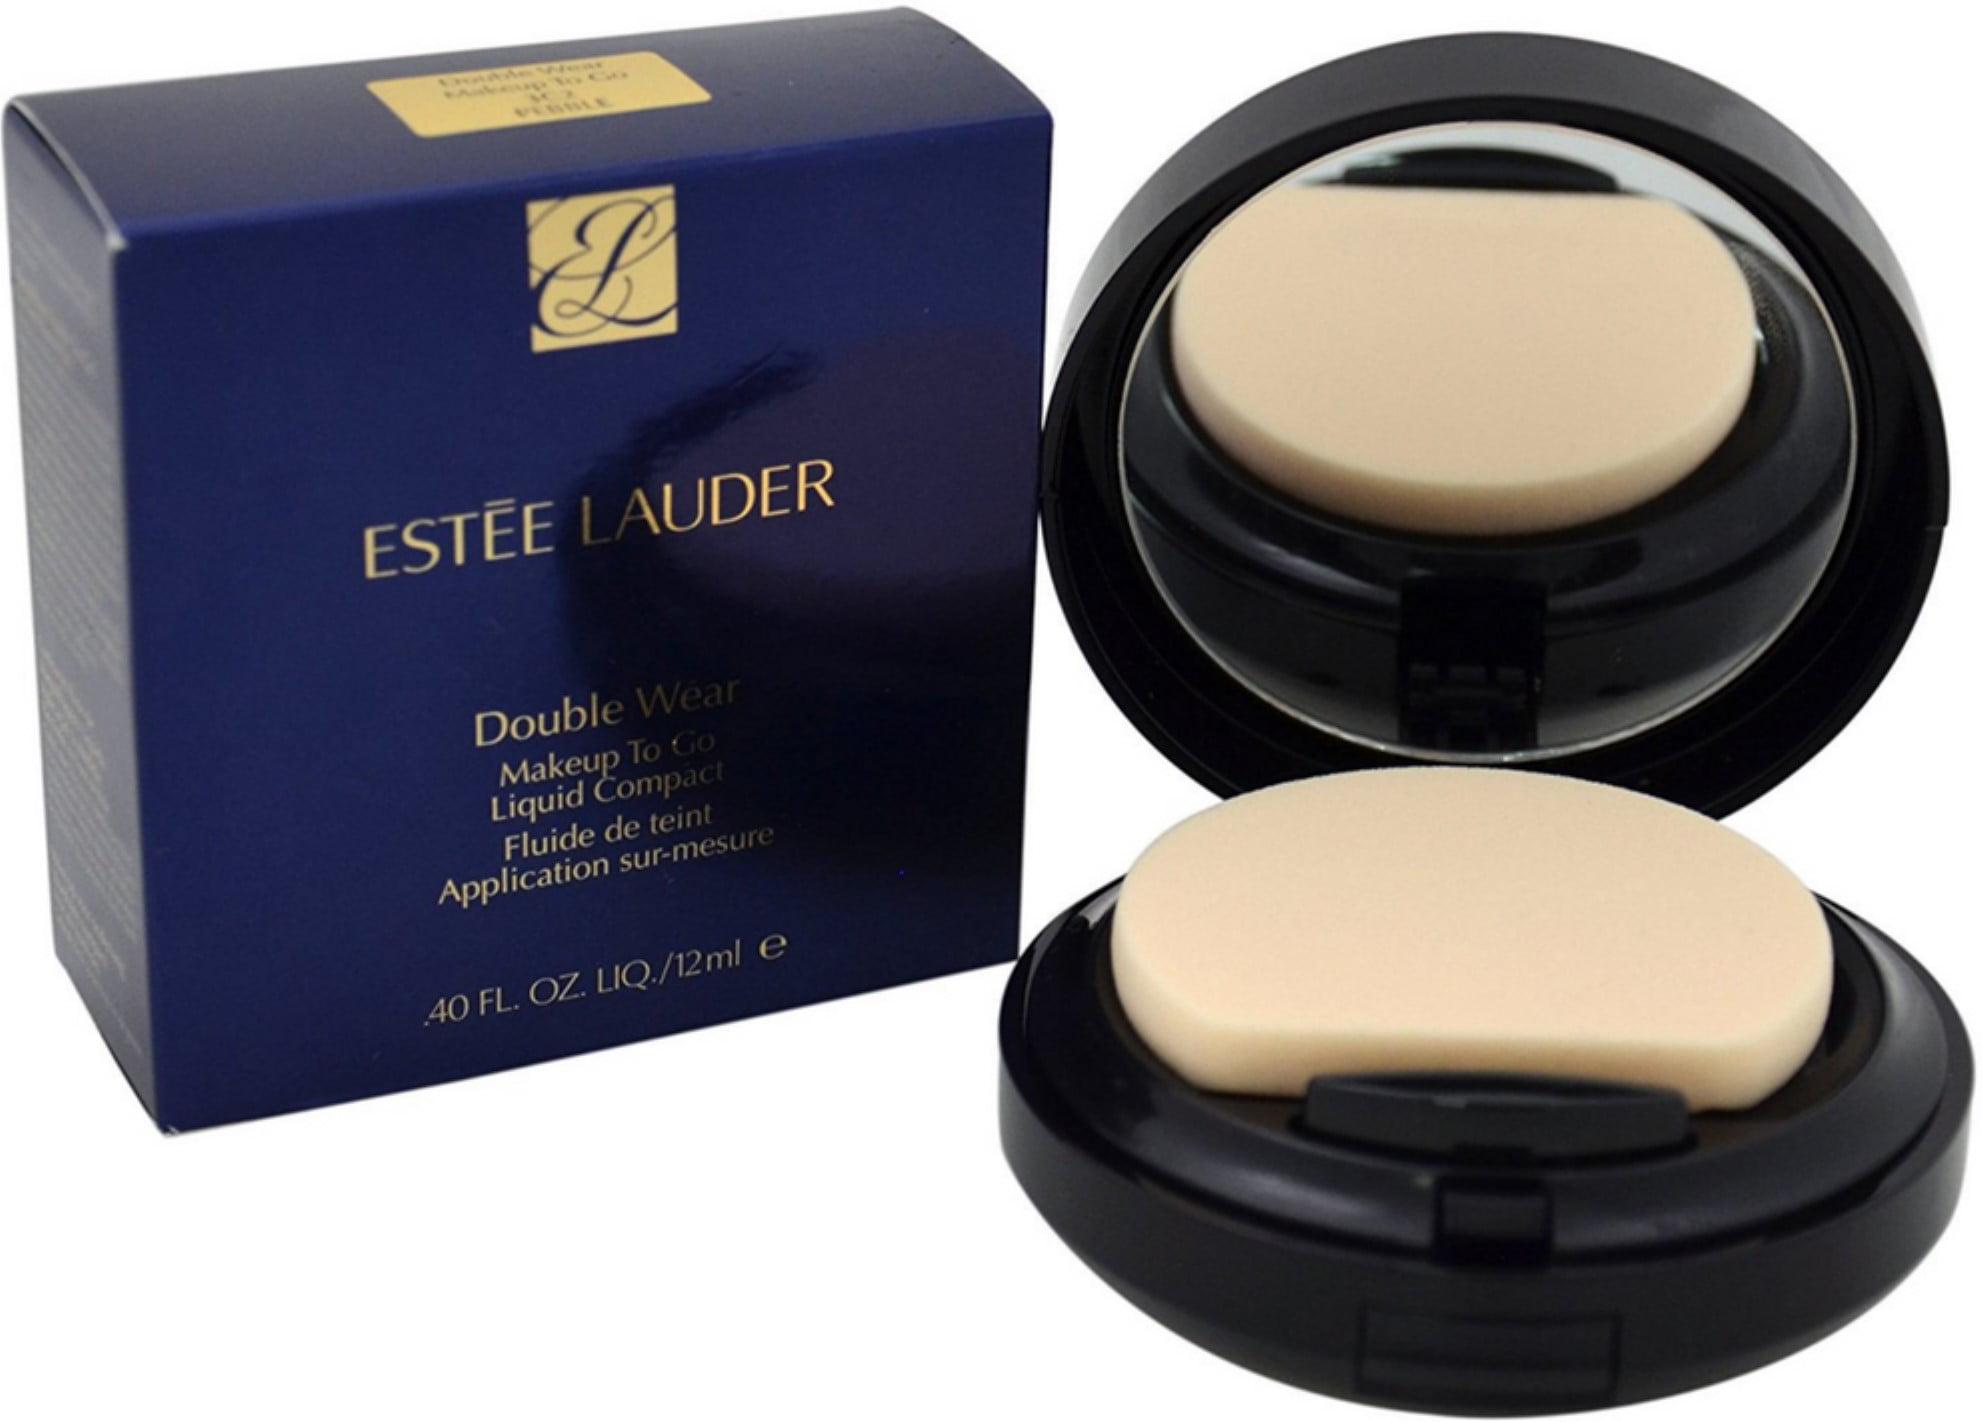 Estee Lauder Womens Double Wear Makeup To Go Liquid